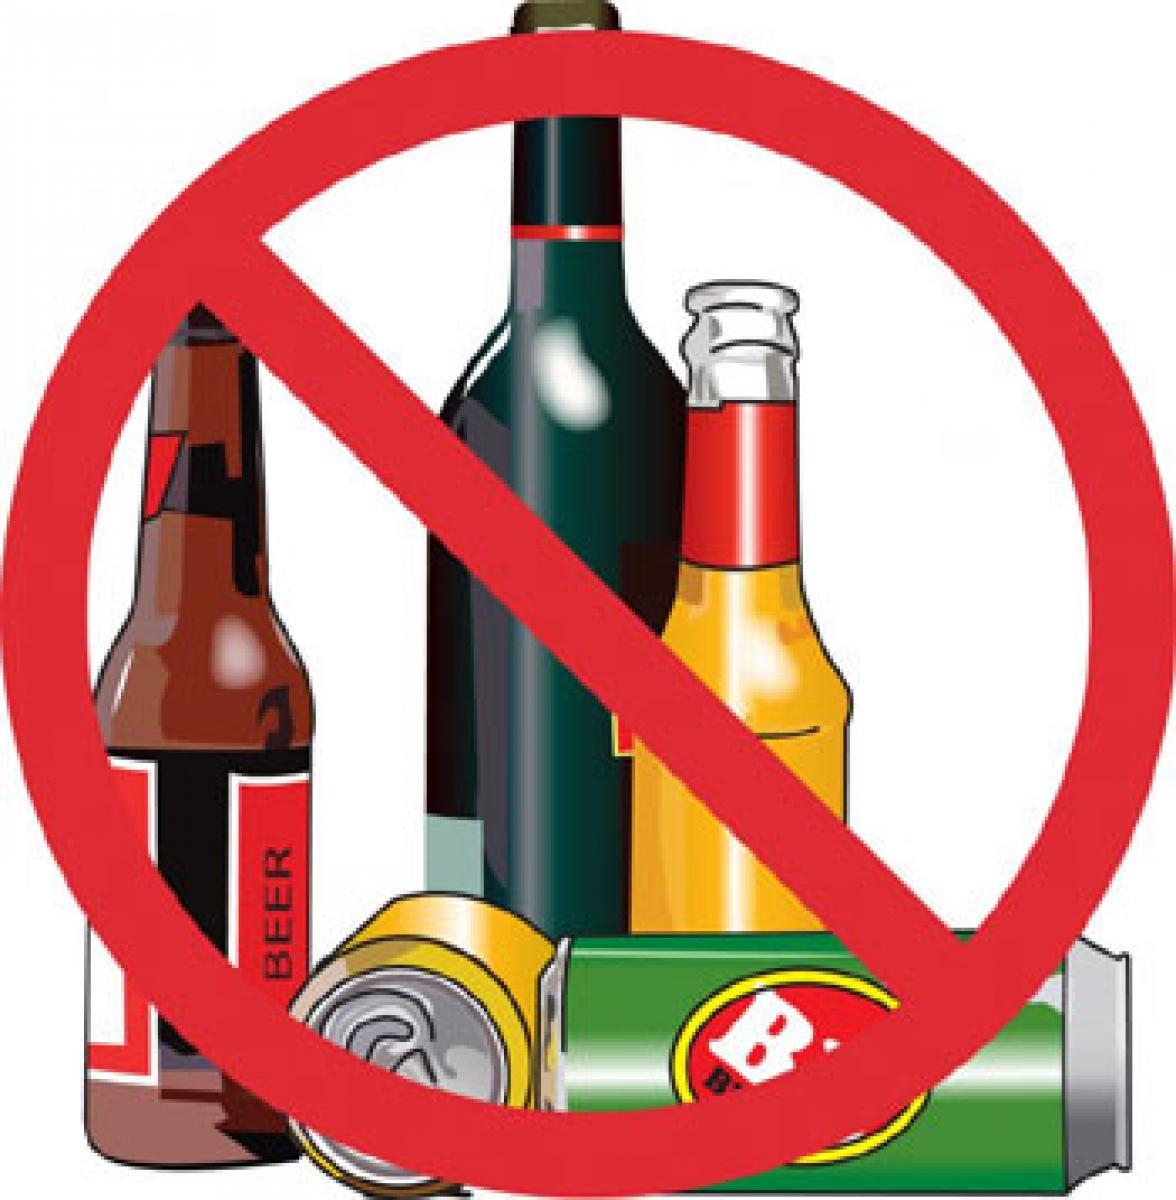 Bihar liquor ban should be participatory: Experts